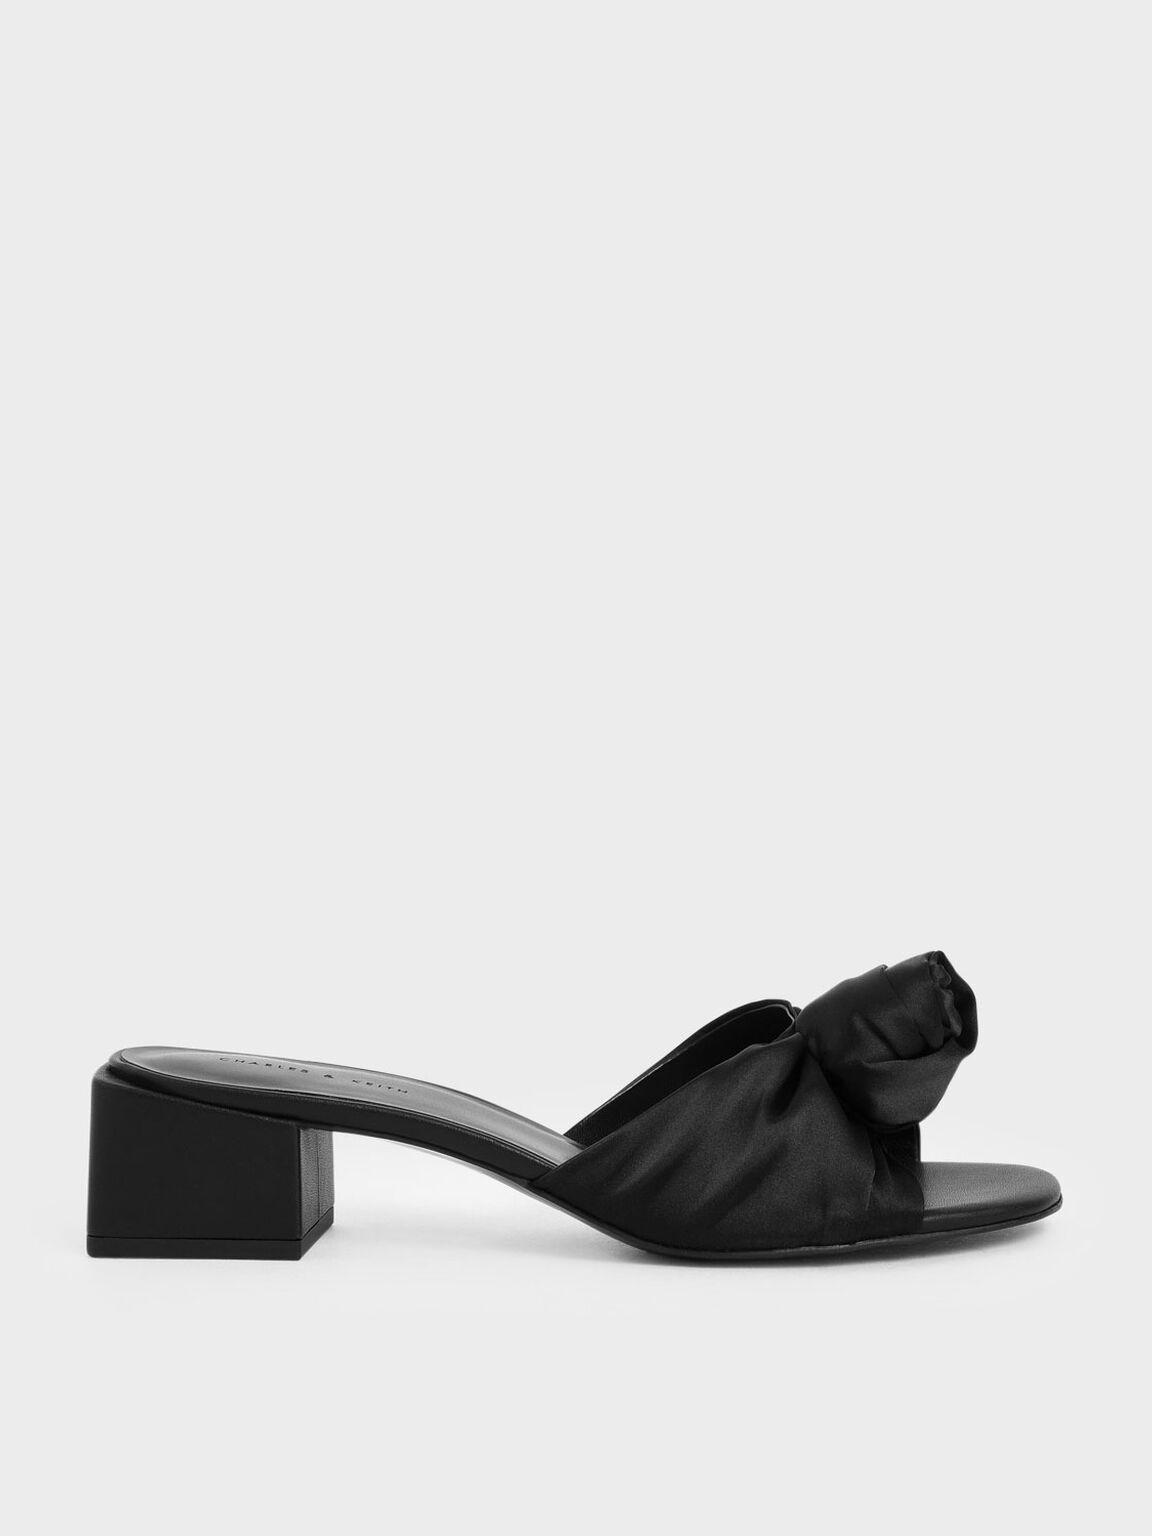 Jacquard Front Knot Slide Sandals, Black, hi-res